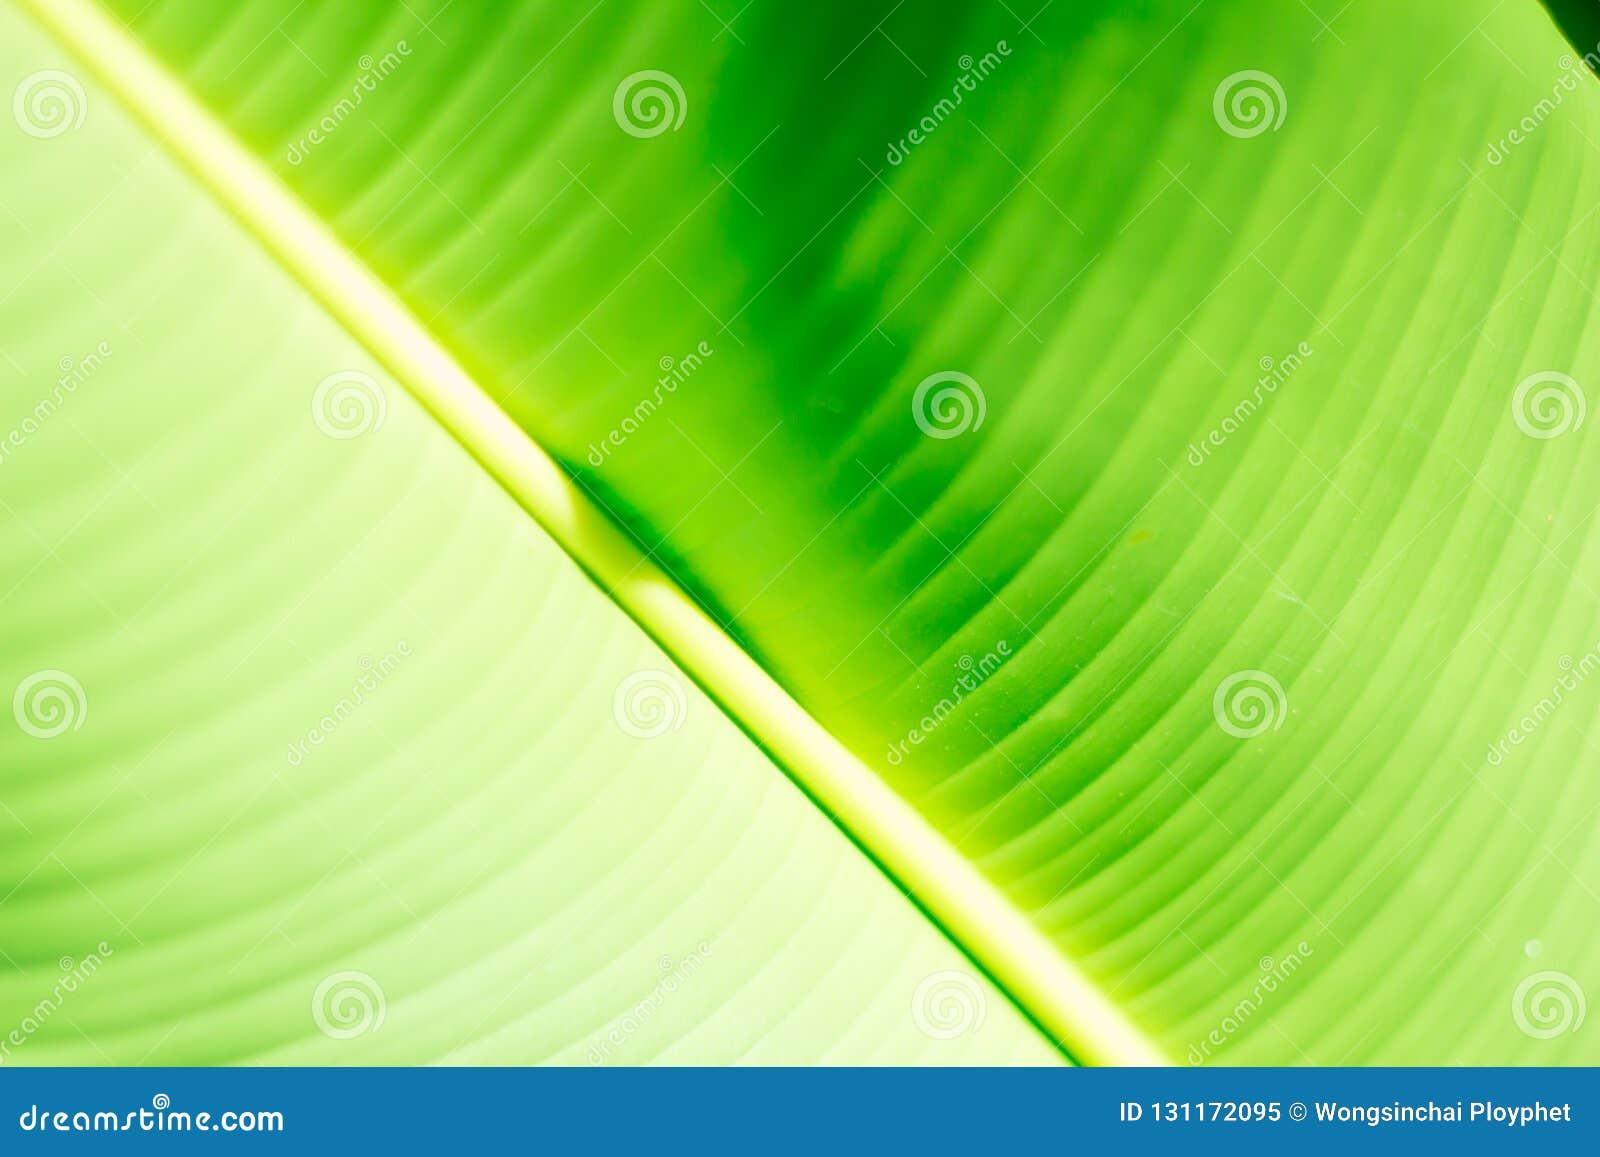 Feuille tropicale verte fraîche de banane d isolement sur le fond blanc, chemin